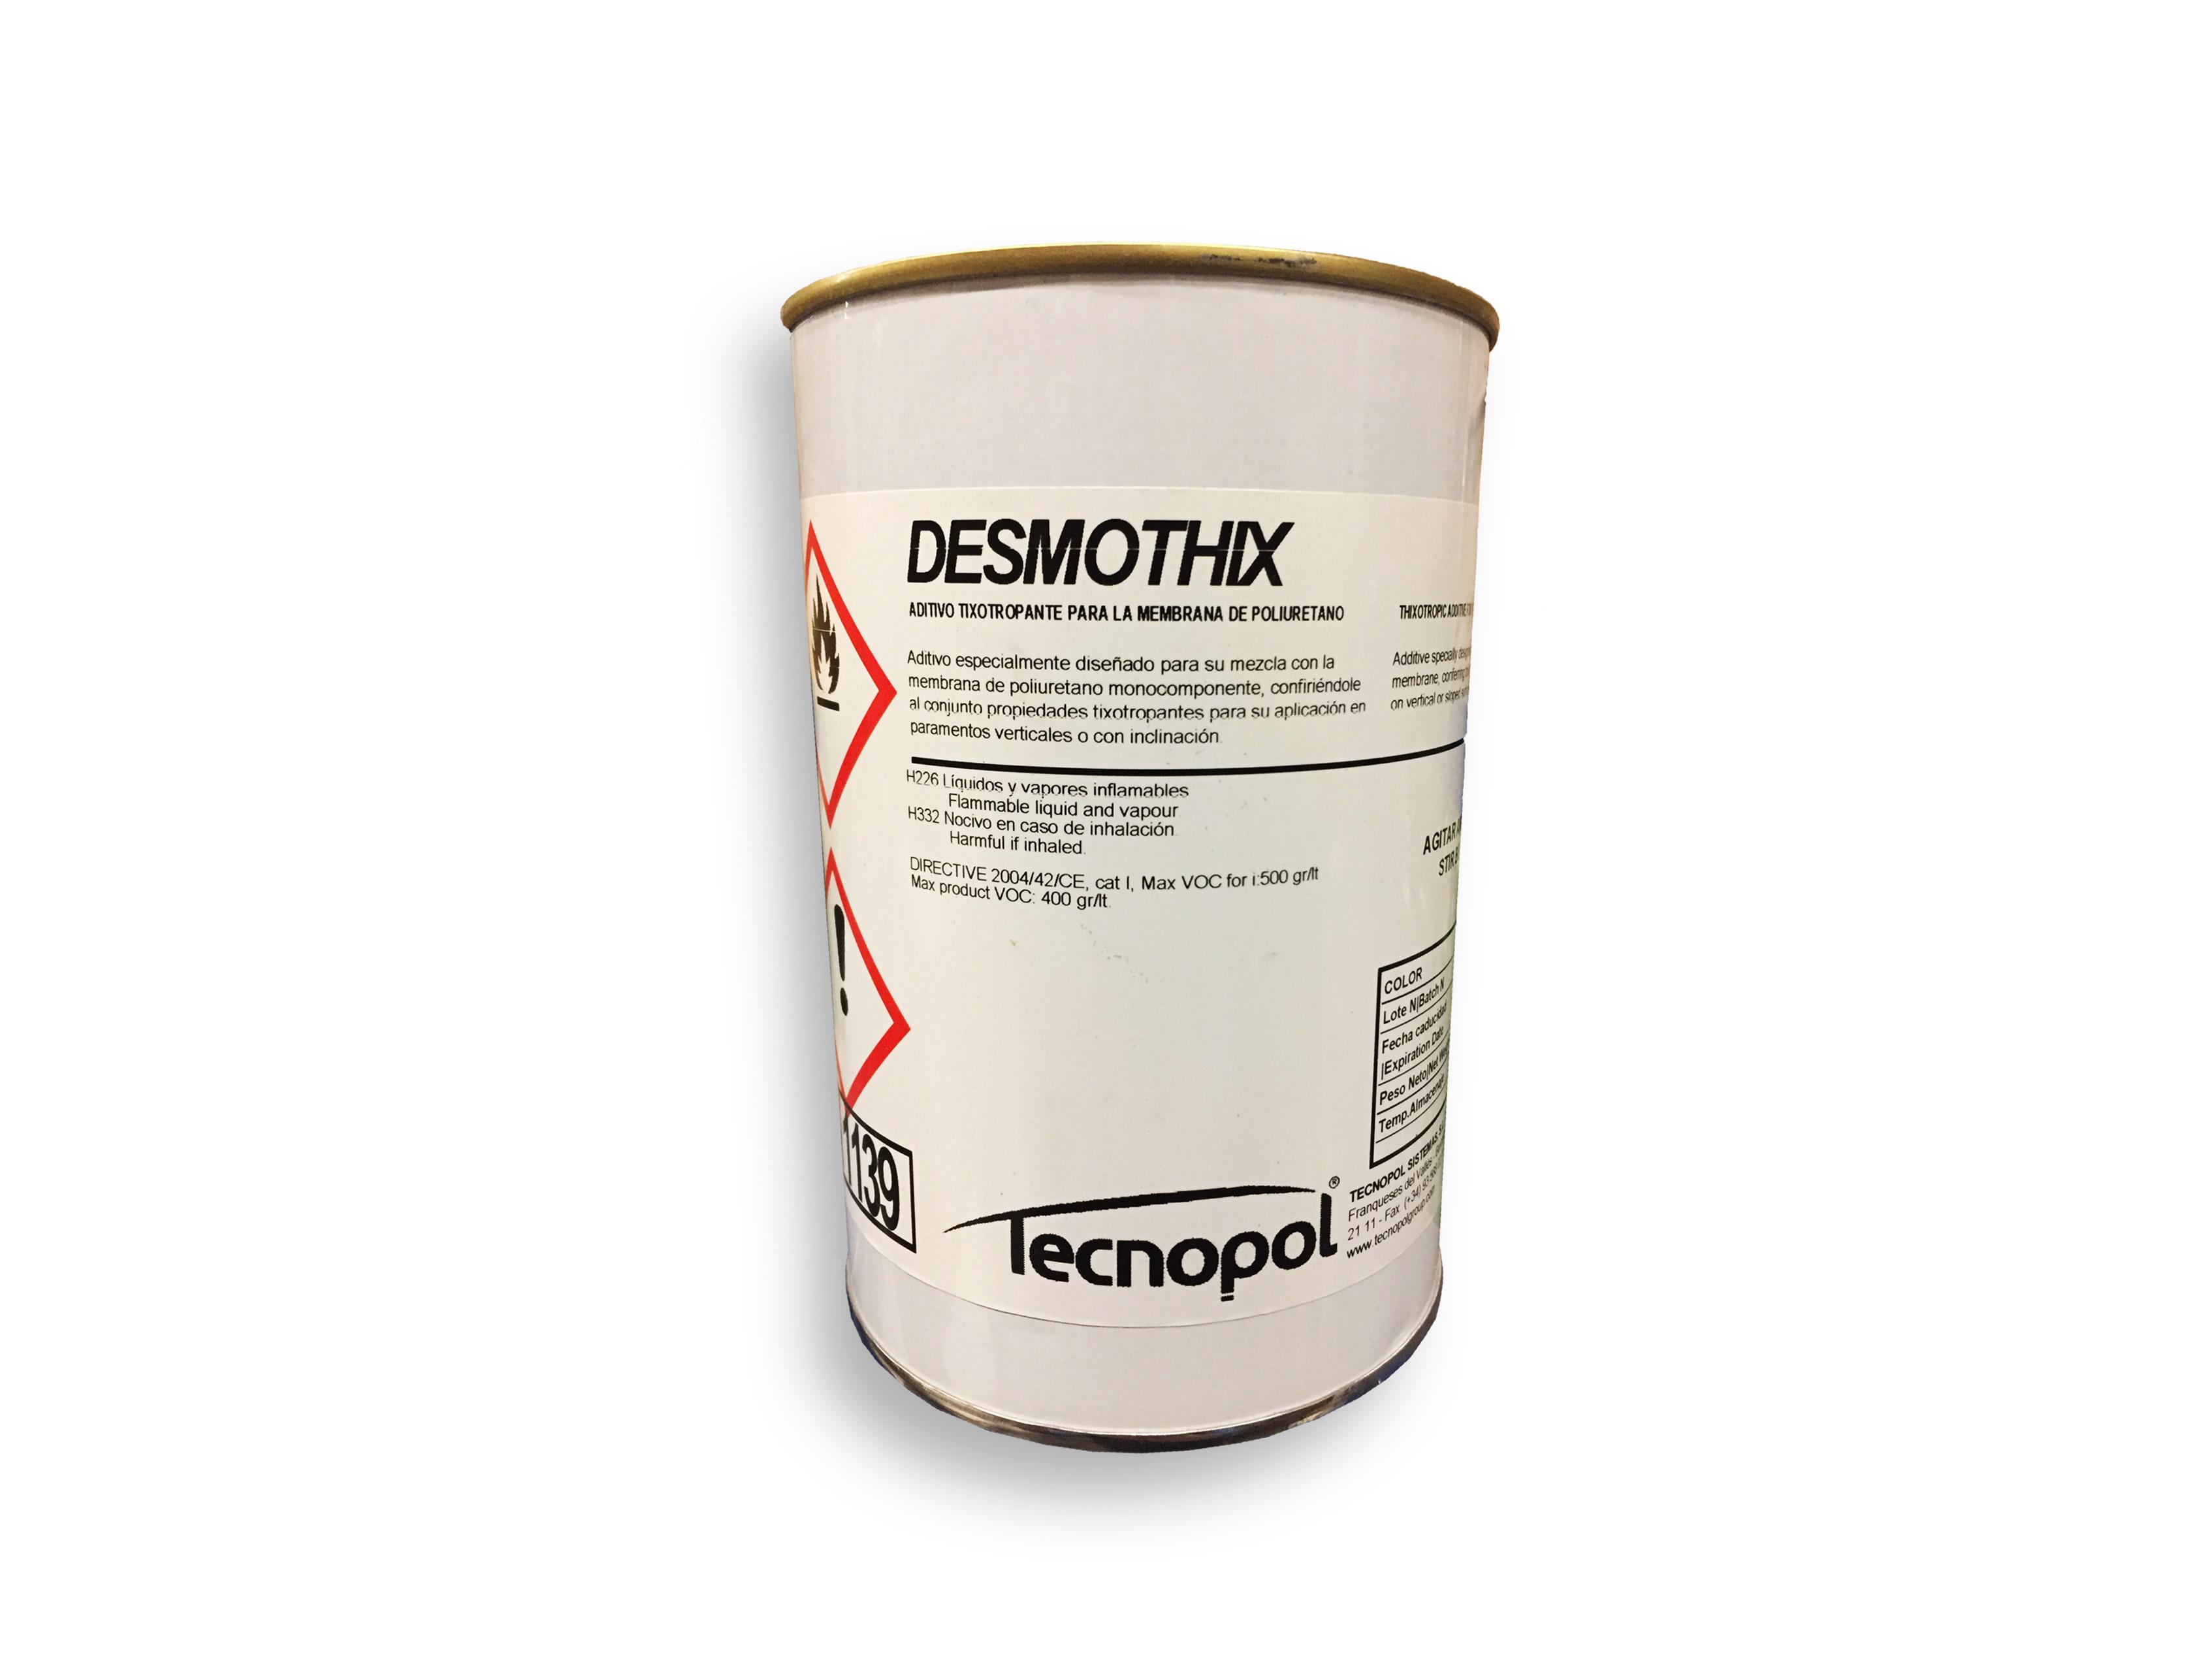 Desmothix liquid